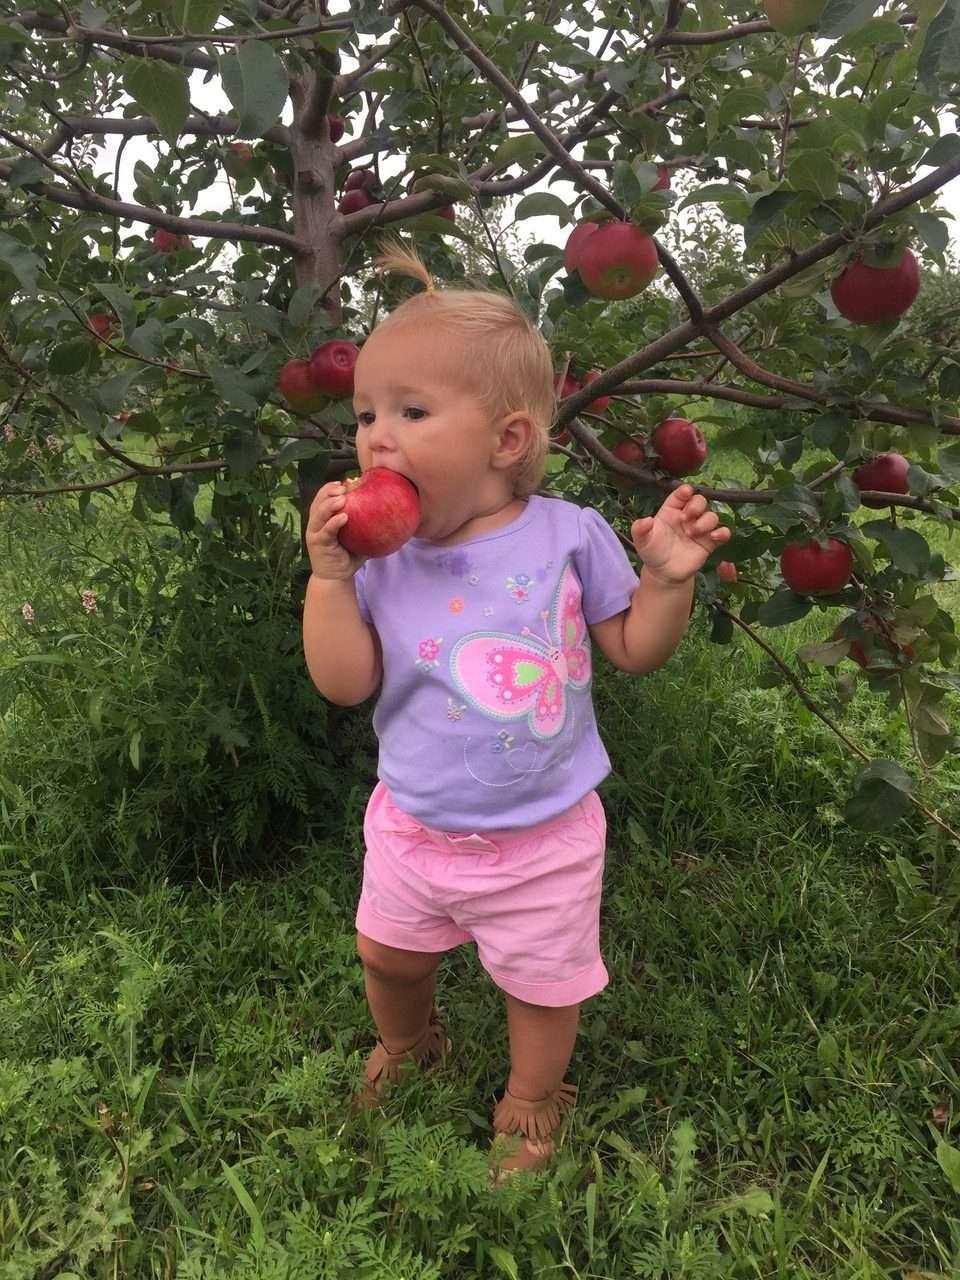 Young Apple Fan